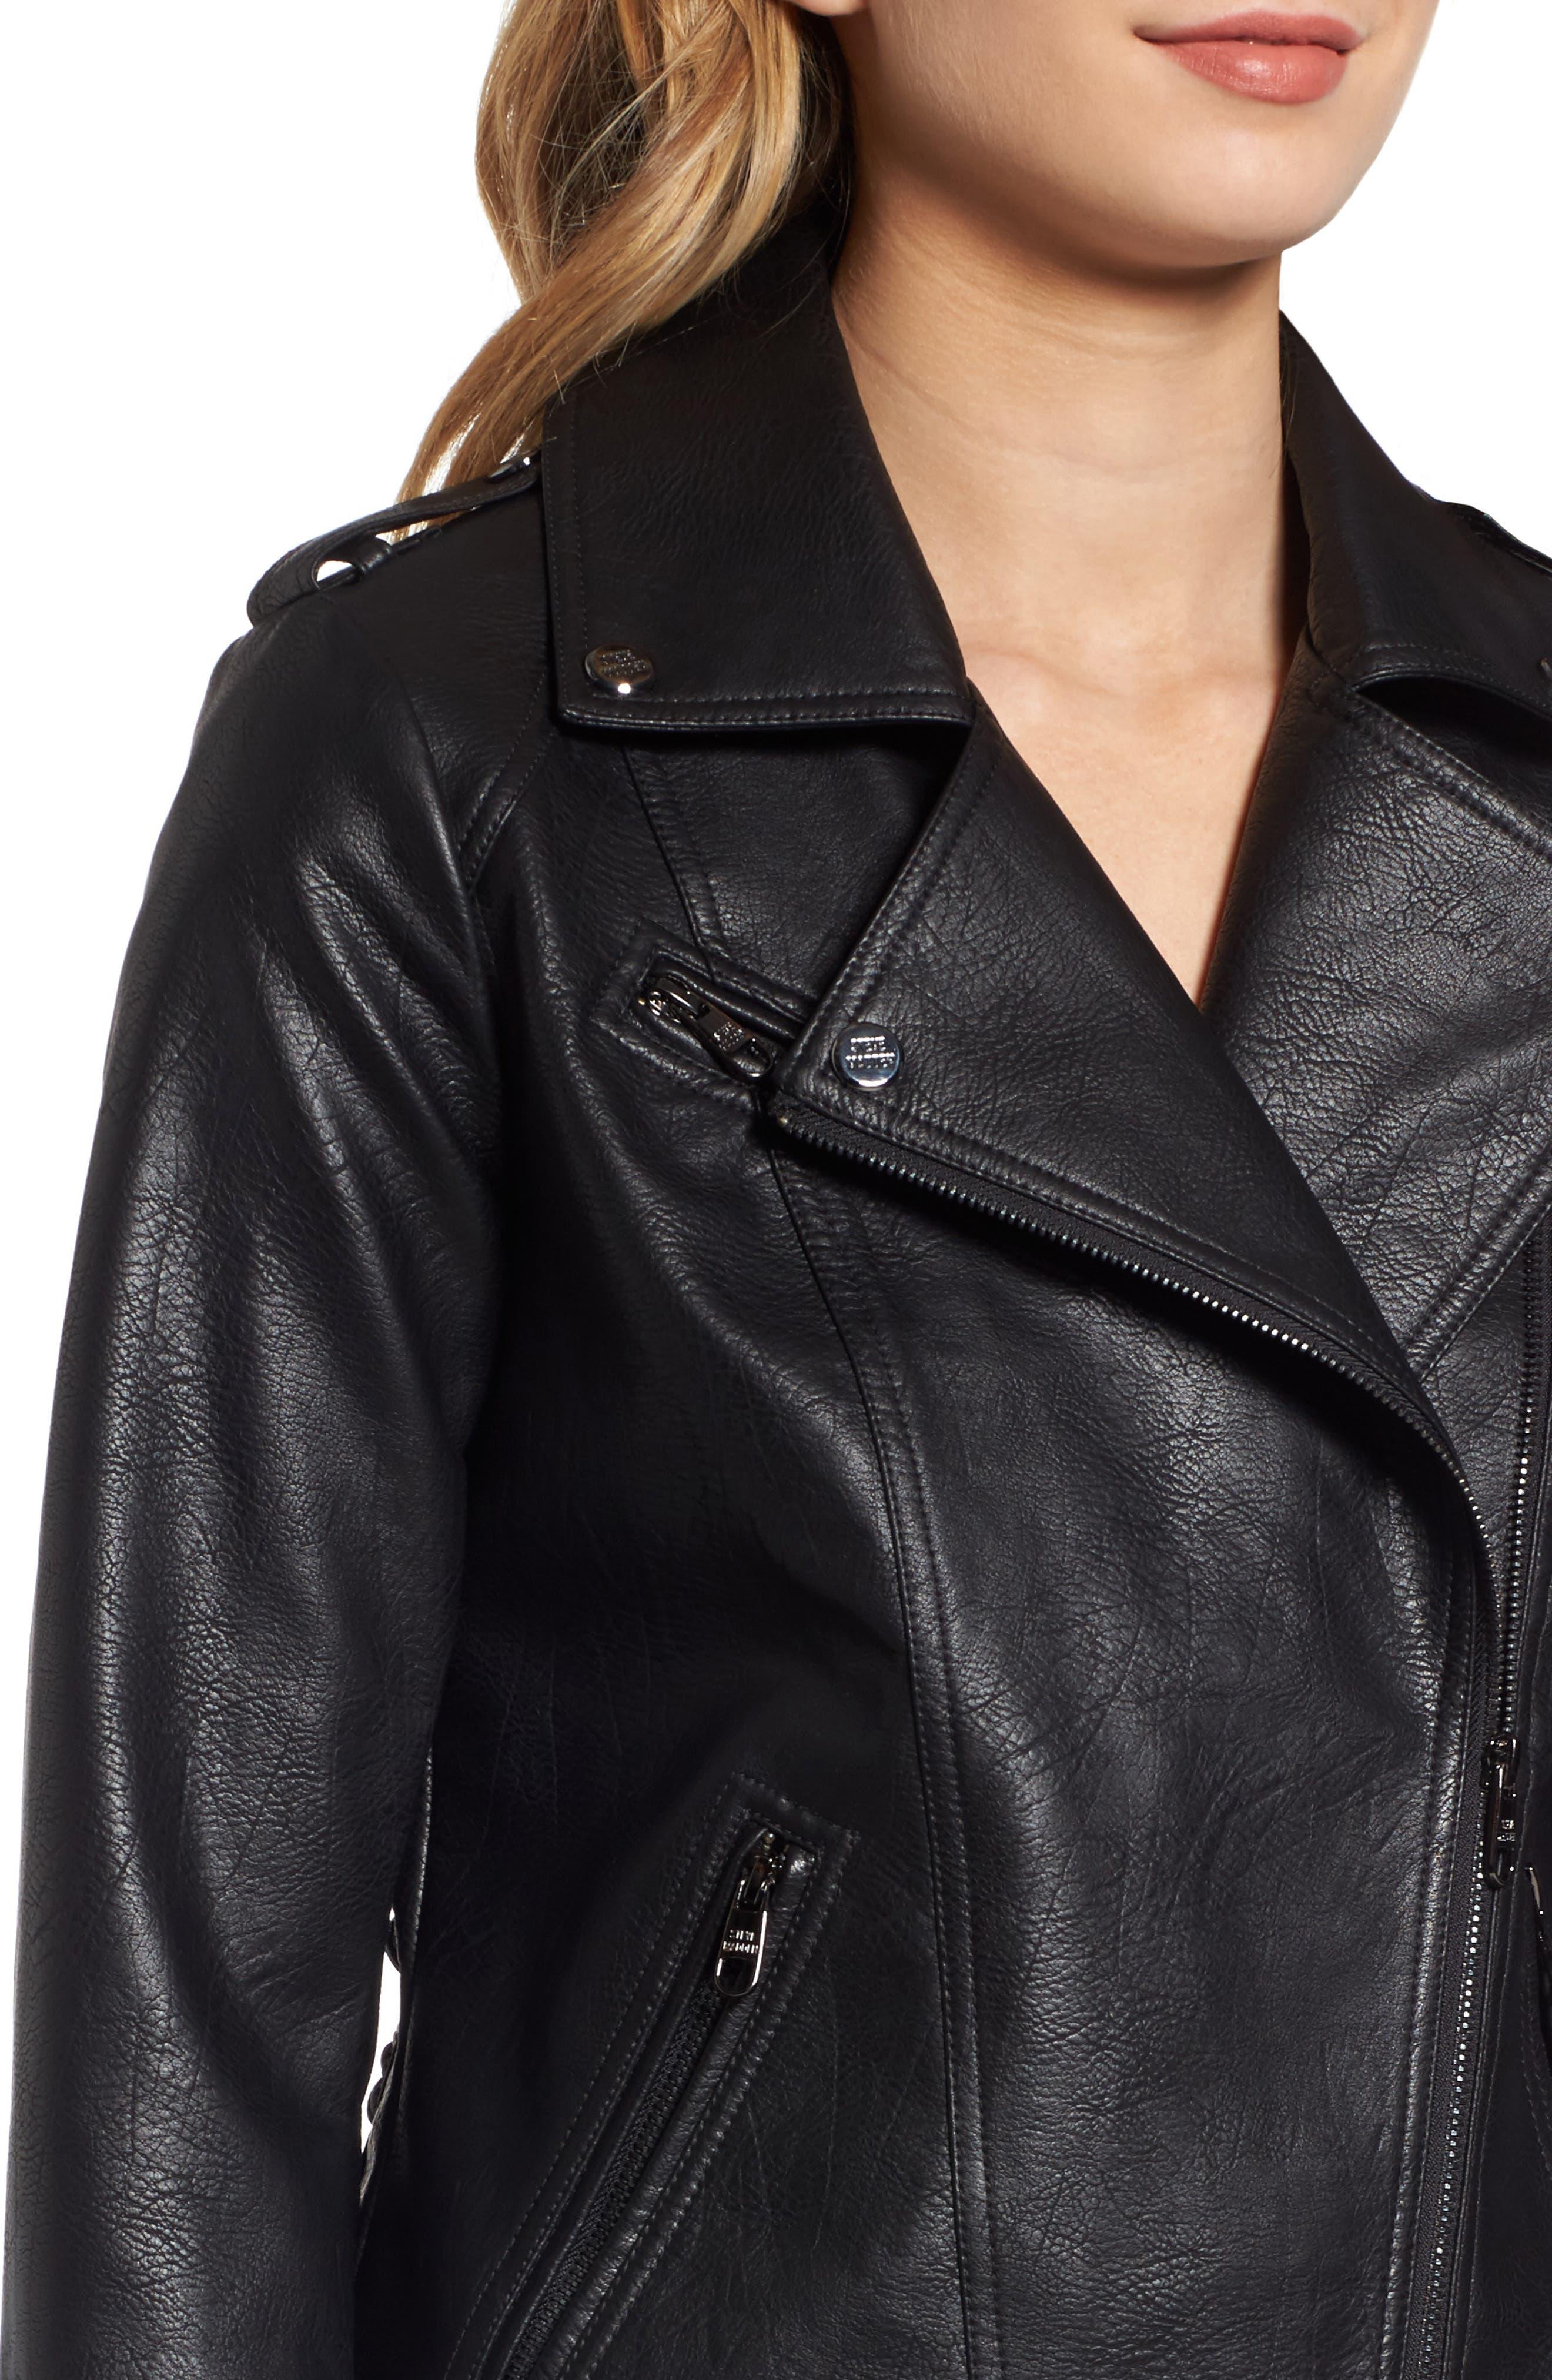 Lace Detail Faux Leather Biker Jacket,                             Alternate thumbnail 4, color,                             001